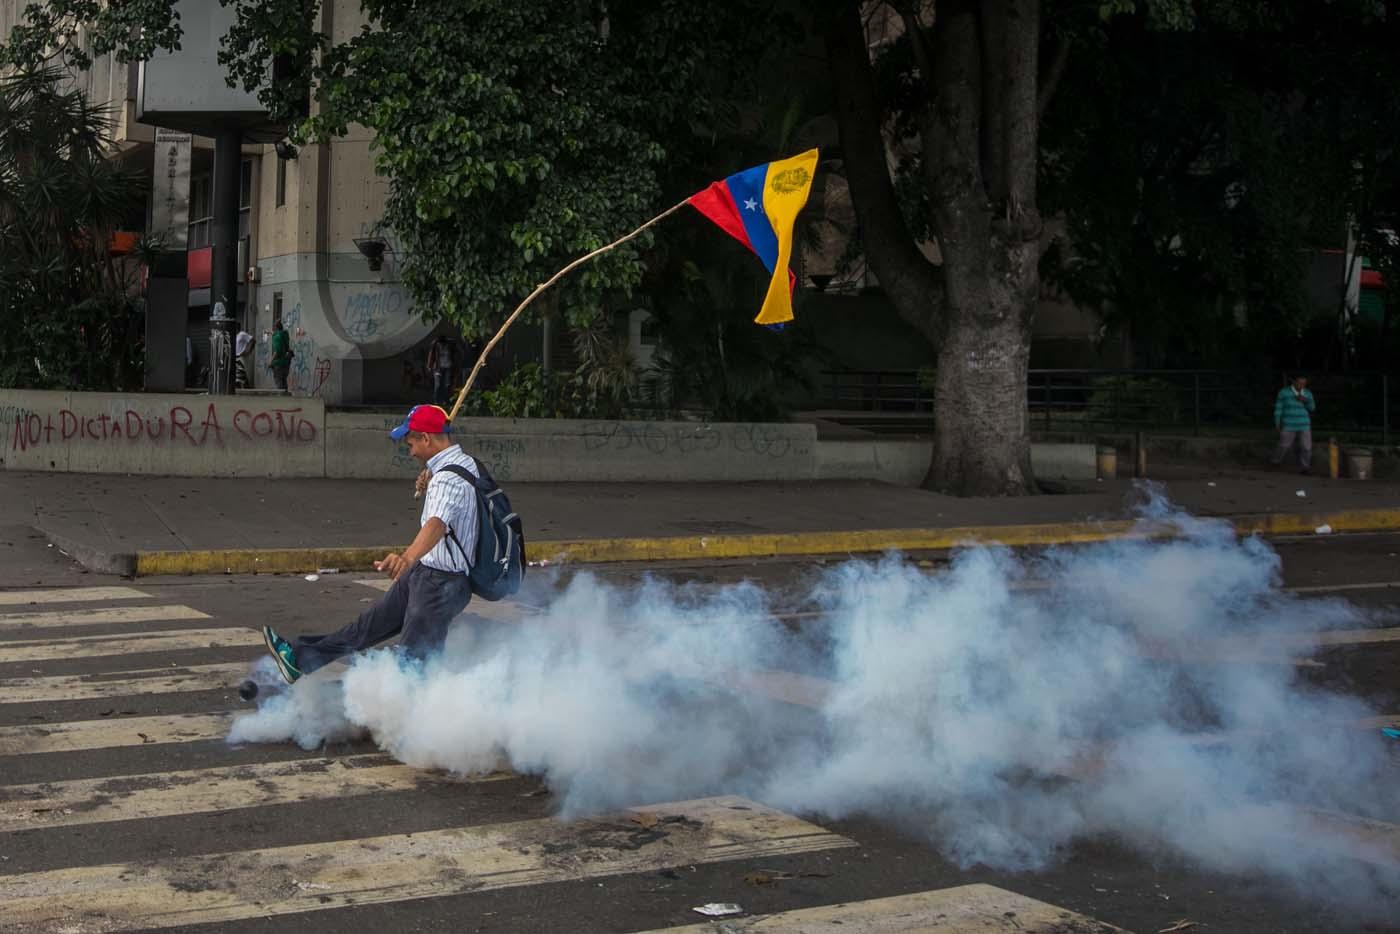 VEN06. CARACAS (VENEZUELA), 14/06/2017.- Un hombre patea una bomba de gas lacrimógeno durante una manifestación hoy, miércoles 14 de junio de 2017, en Caracas (Venezuela). Una concentración de venezolanos opositores al Gobierno de Nicolás Maduro se disolvió hoy en la localidad de Altamira, un bastión del antichavismo en el este de Caracas, luego de que se efectuaran varios disparos en el sitio, constató Efe. EFE/Miguel Gutiérrez